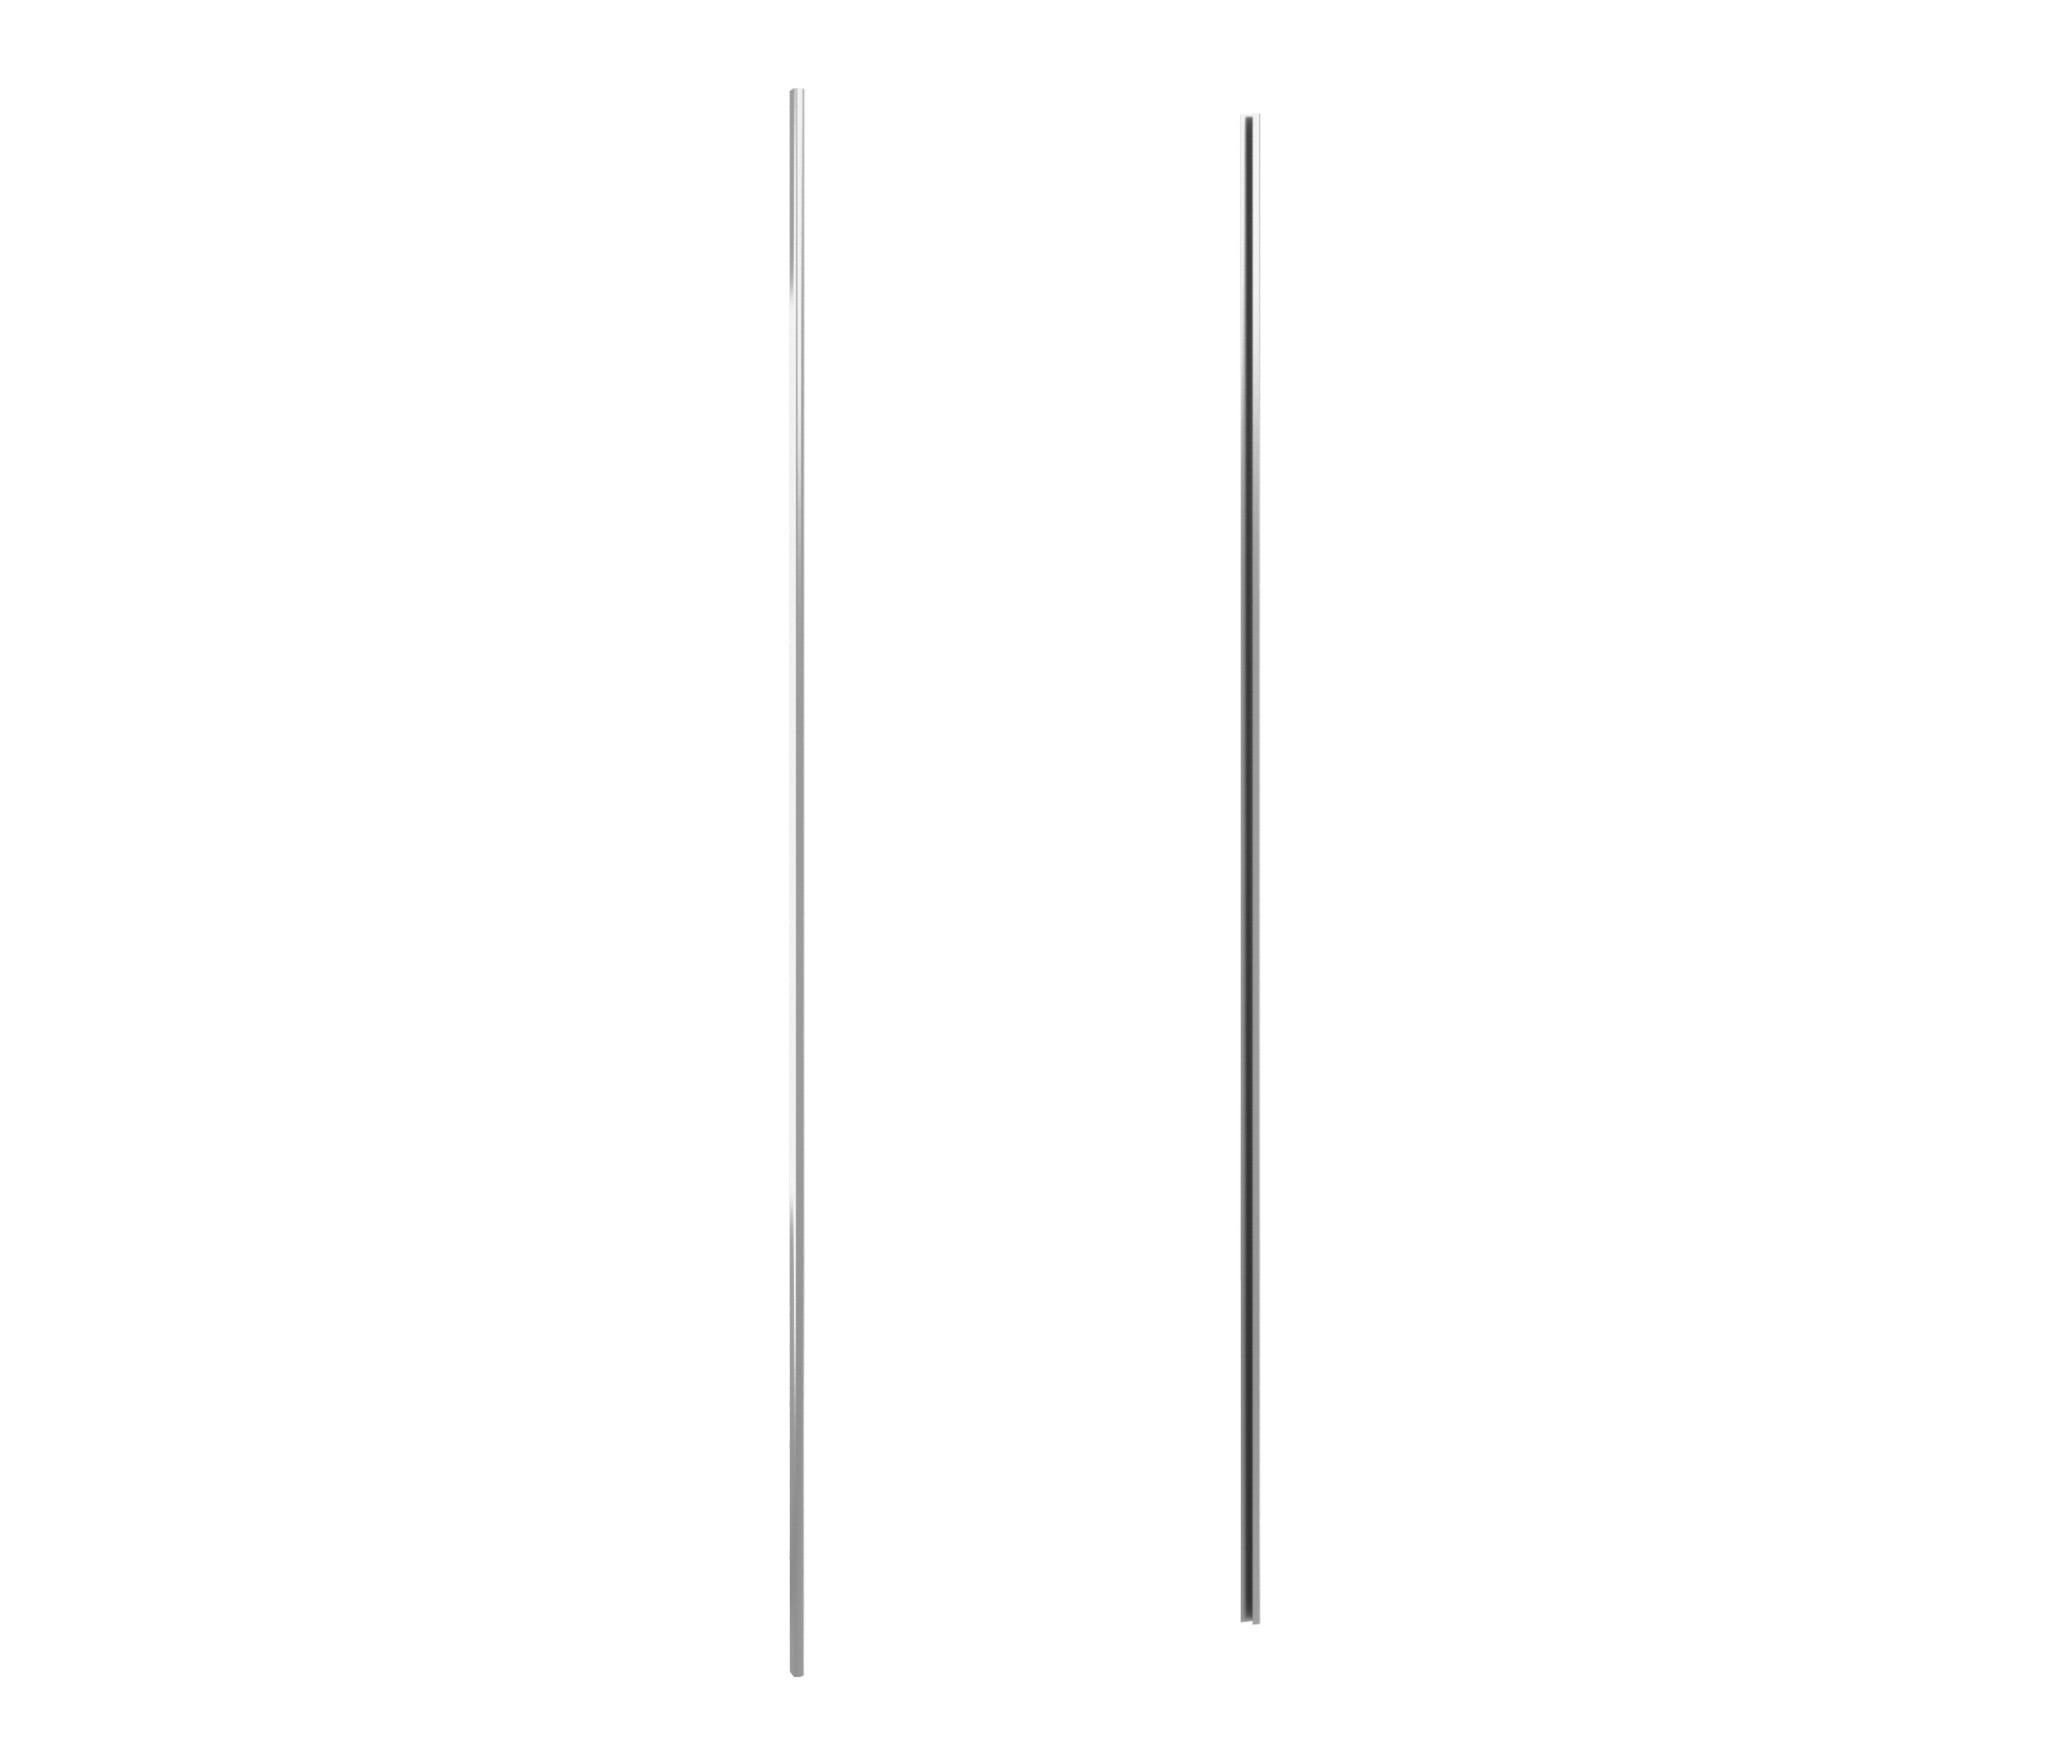 Палермо Комплект профилей для шкафа-купе 1350Комплектующие<br>Профиль для шкафа-купе  Палермо  изготавливается из стальной ленты самого высокого качества, покрытой с обеих сторон слоем цинка, который не боится влажности и не подвержен коррозии.